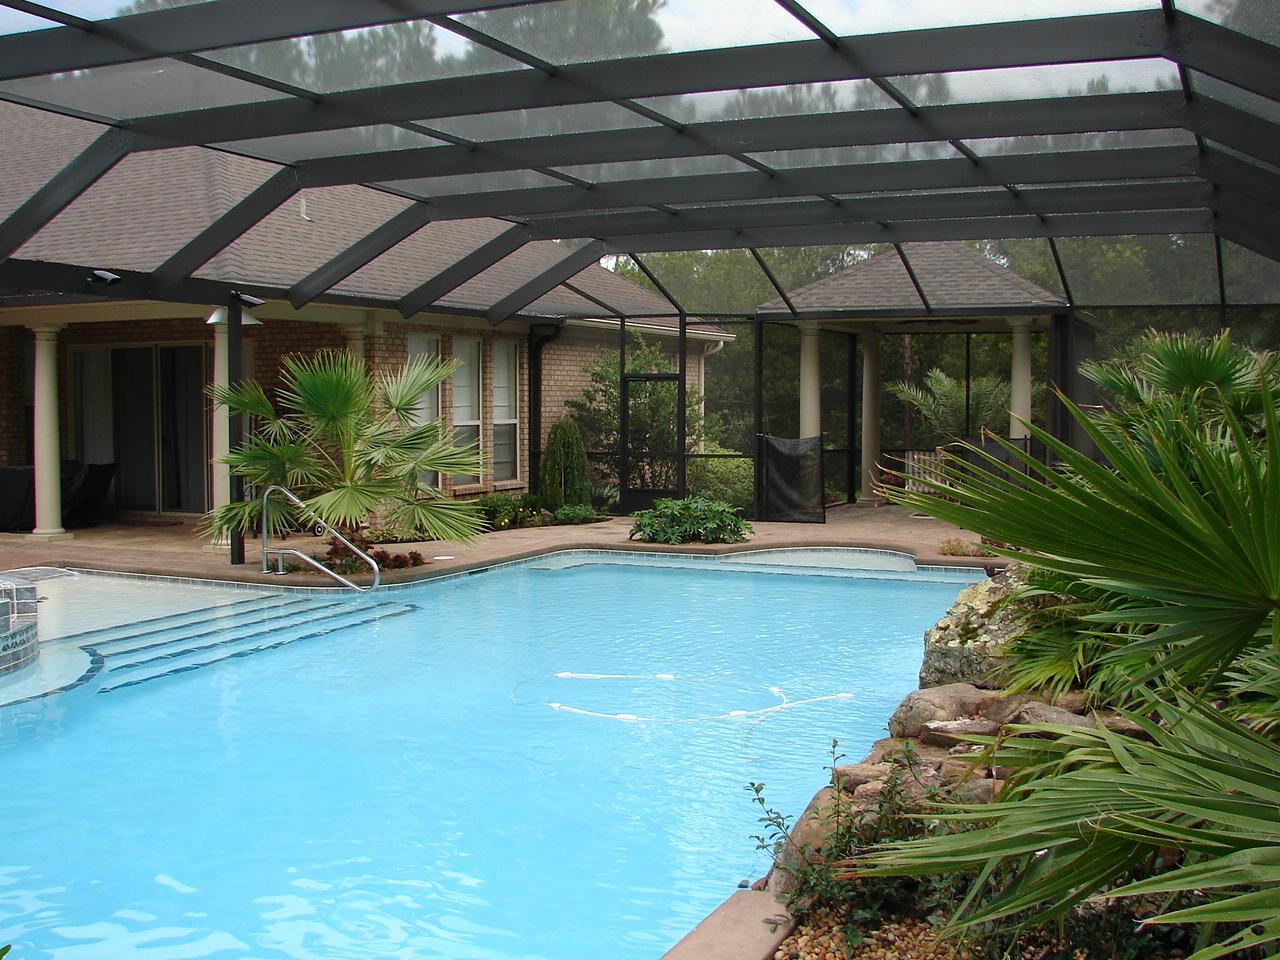 Pool Enclosures | Outdoor Living - Indoor Comfort | Backyard ...